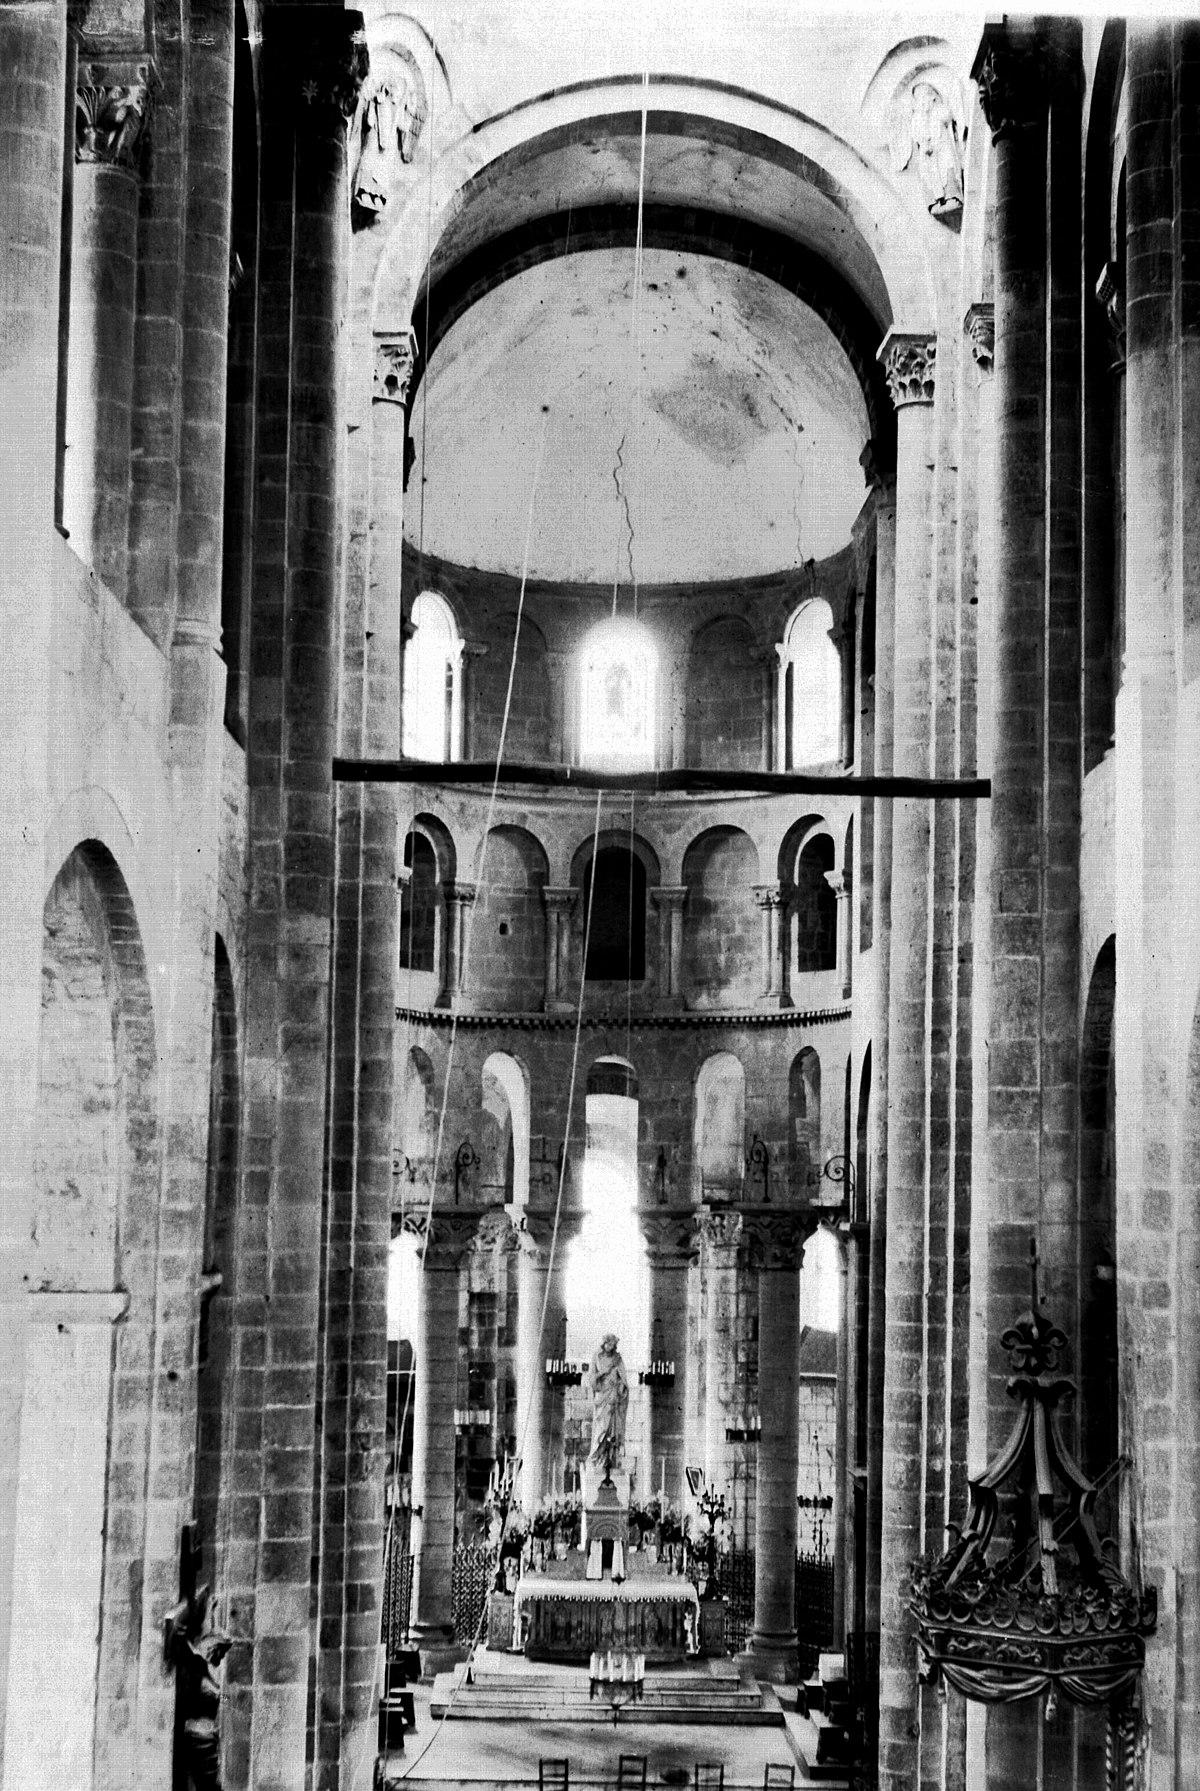 Architecte D Intérieur Aveyron file:intérieur église de conques, aveyron (8357636356)